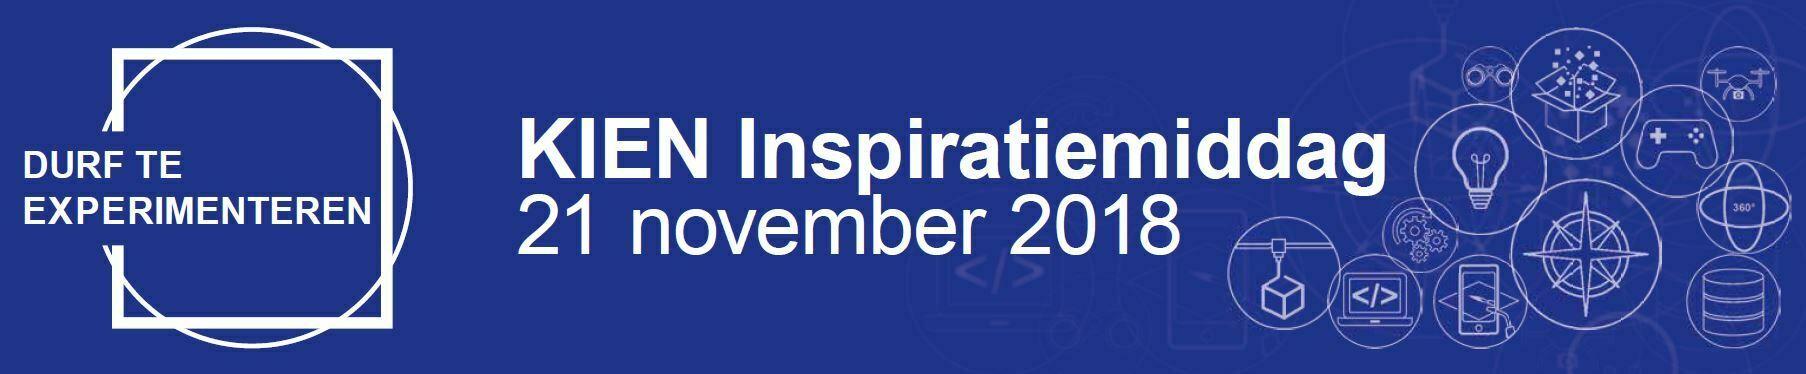 KIEN inspiratiemiddag 21 november